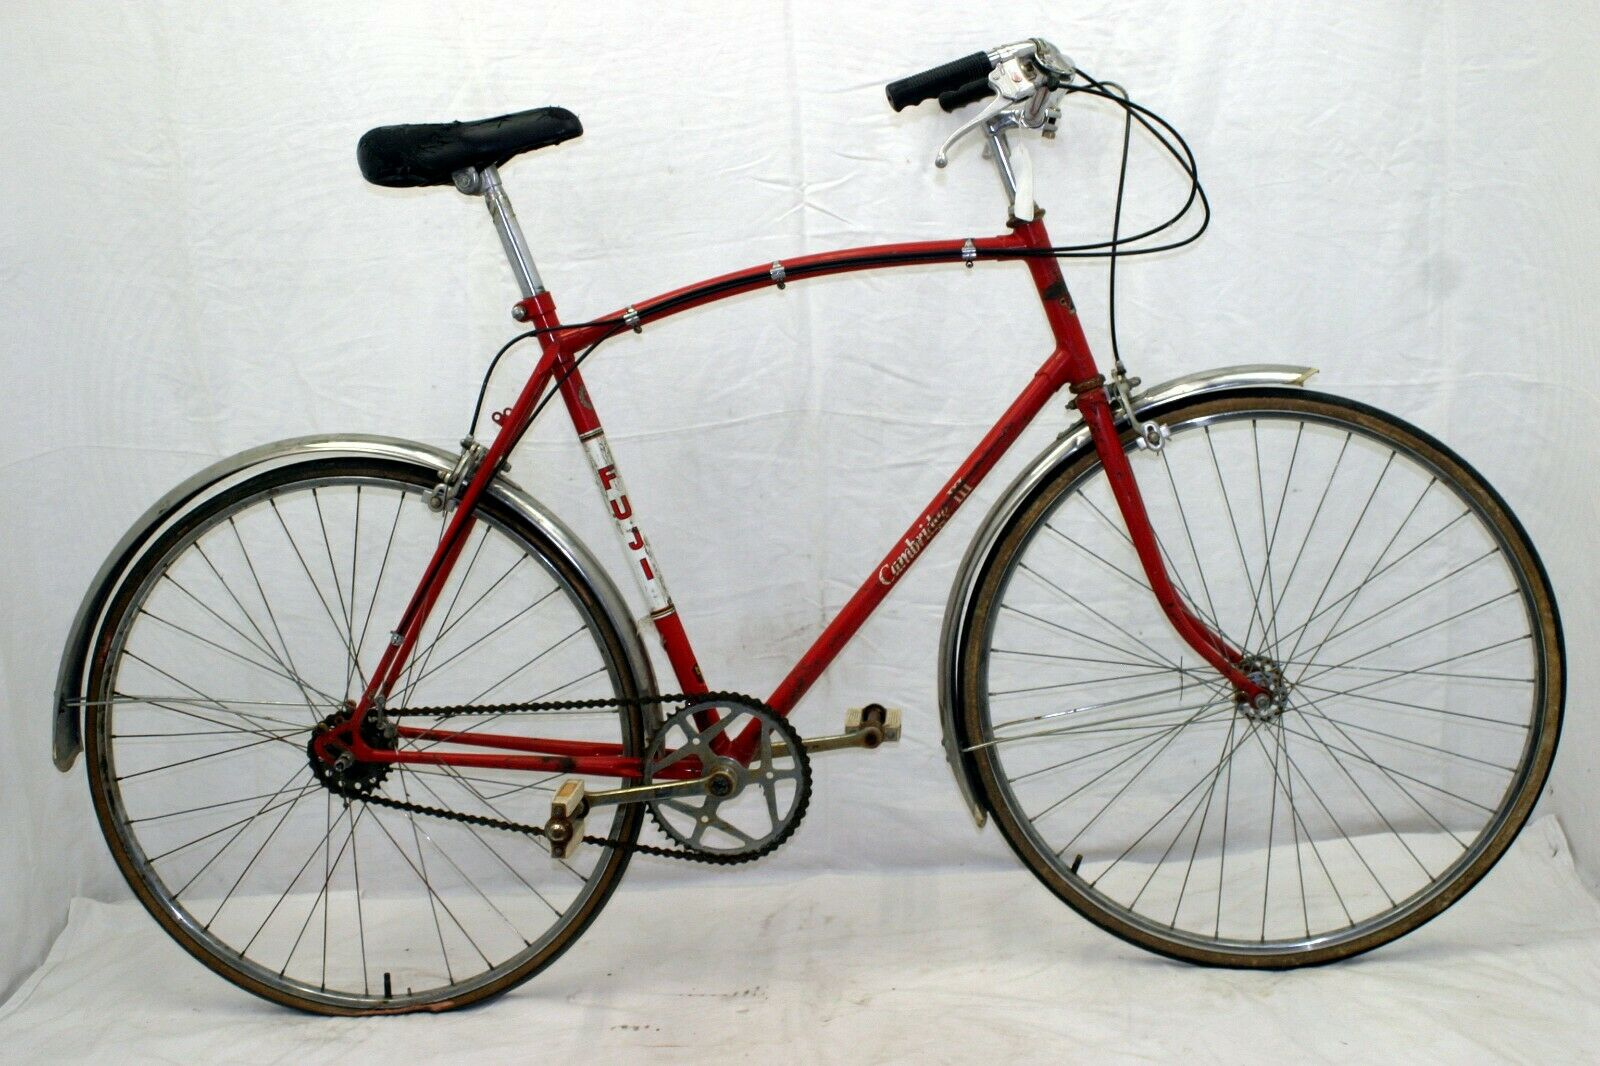 Dunelt Vintage Cruiser Bike Medium Sturmey Archer 3 speed British Steel Charity!